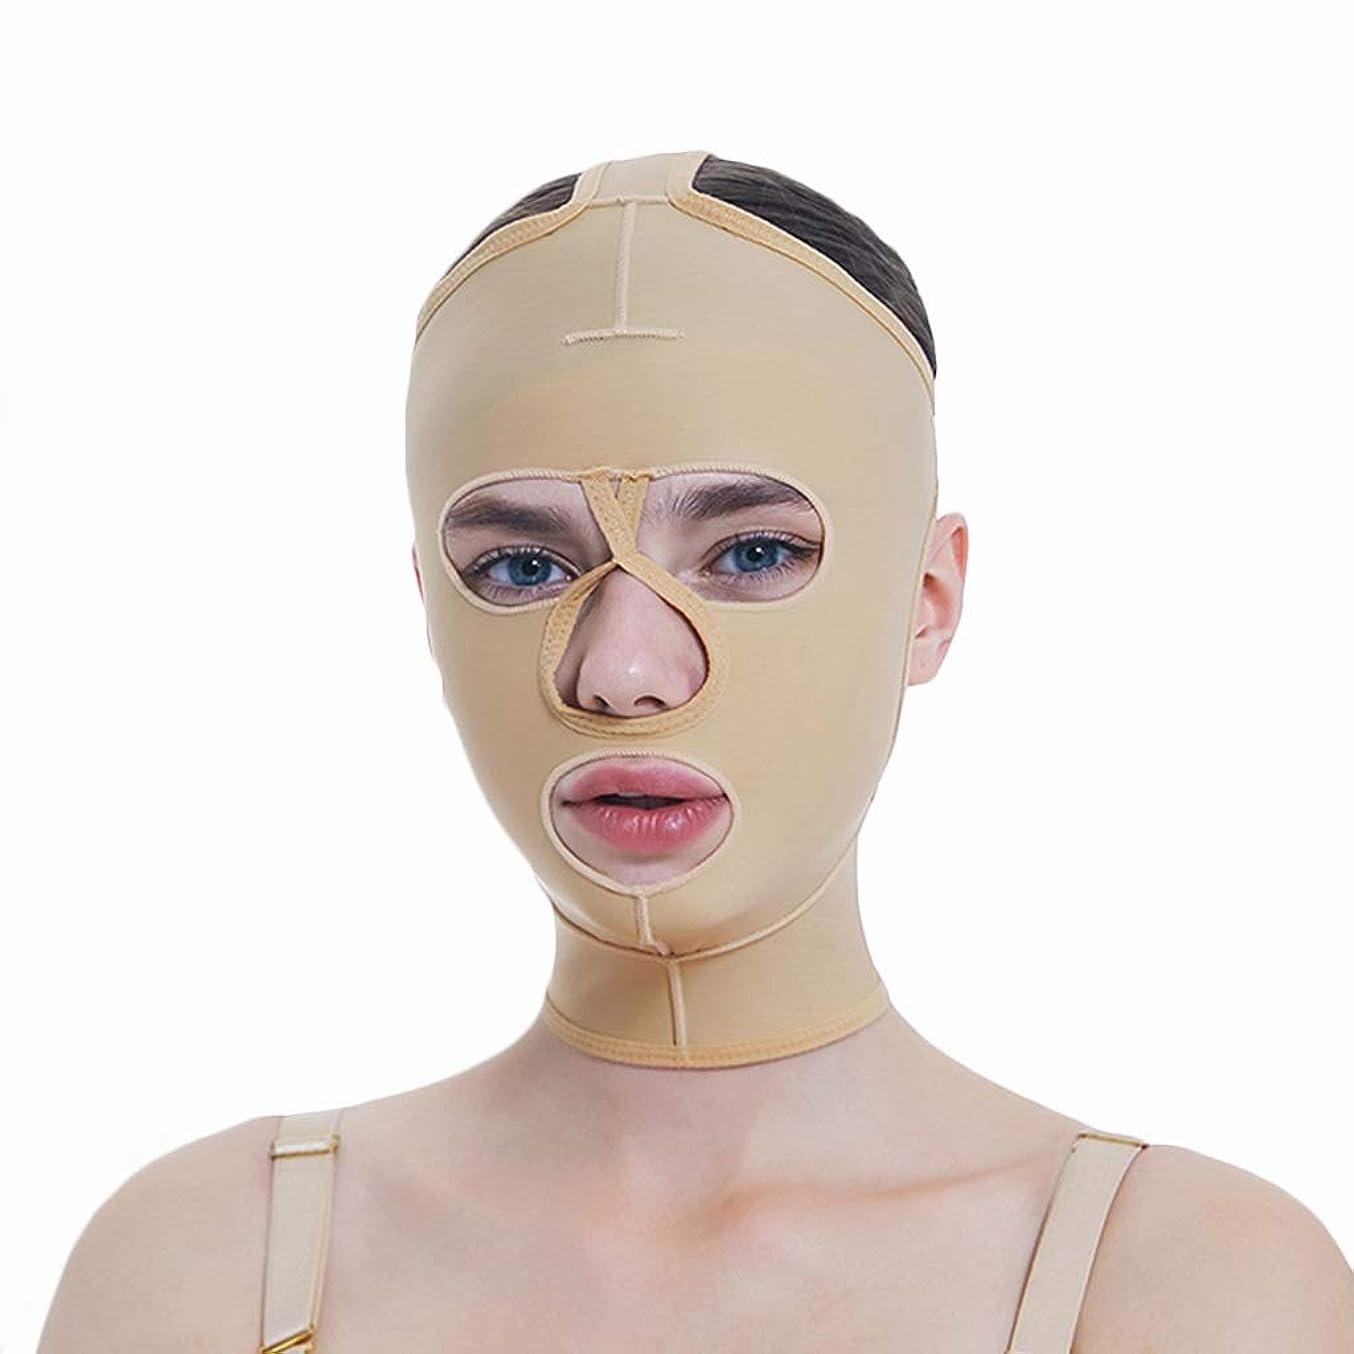 分類四分円ワーディアンケースXHLMRMJ 顔の減量マスク、フルカバレッジ包帯、フルフェイスリフティングマスク、フェイスマスク、快適で通気性、リフティングシェーピング (Size : M)